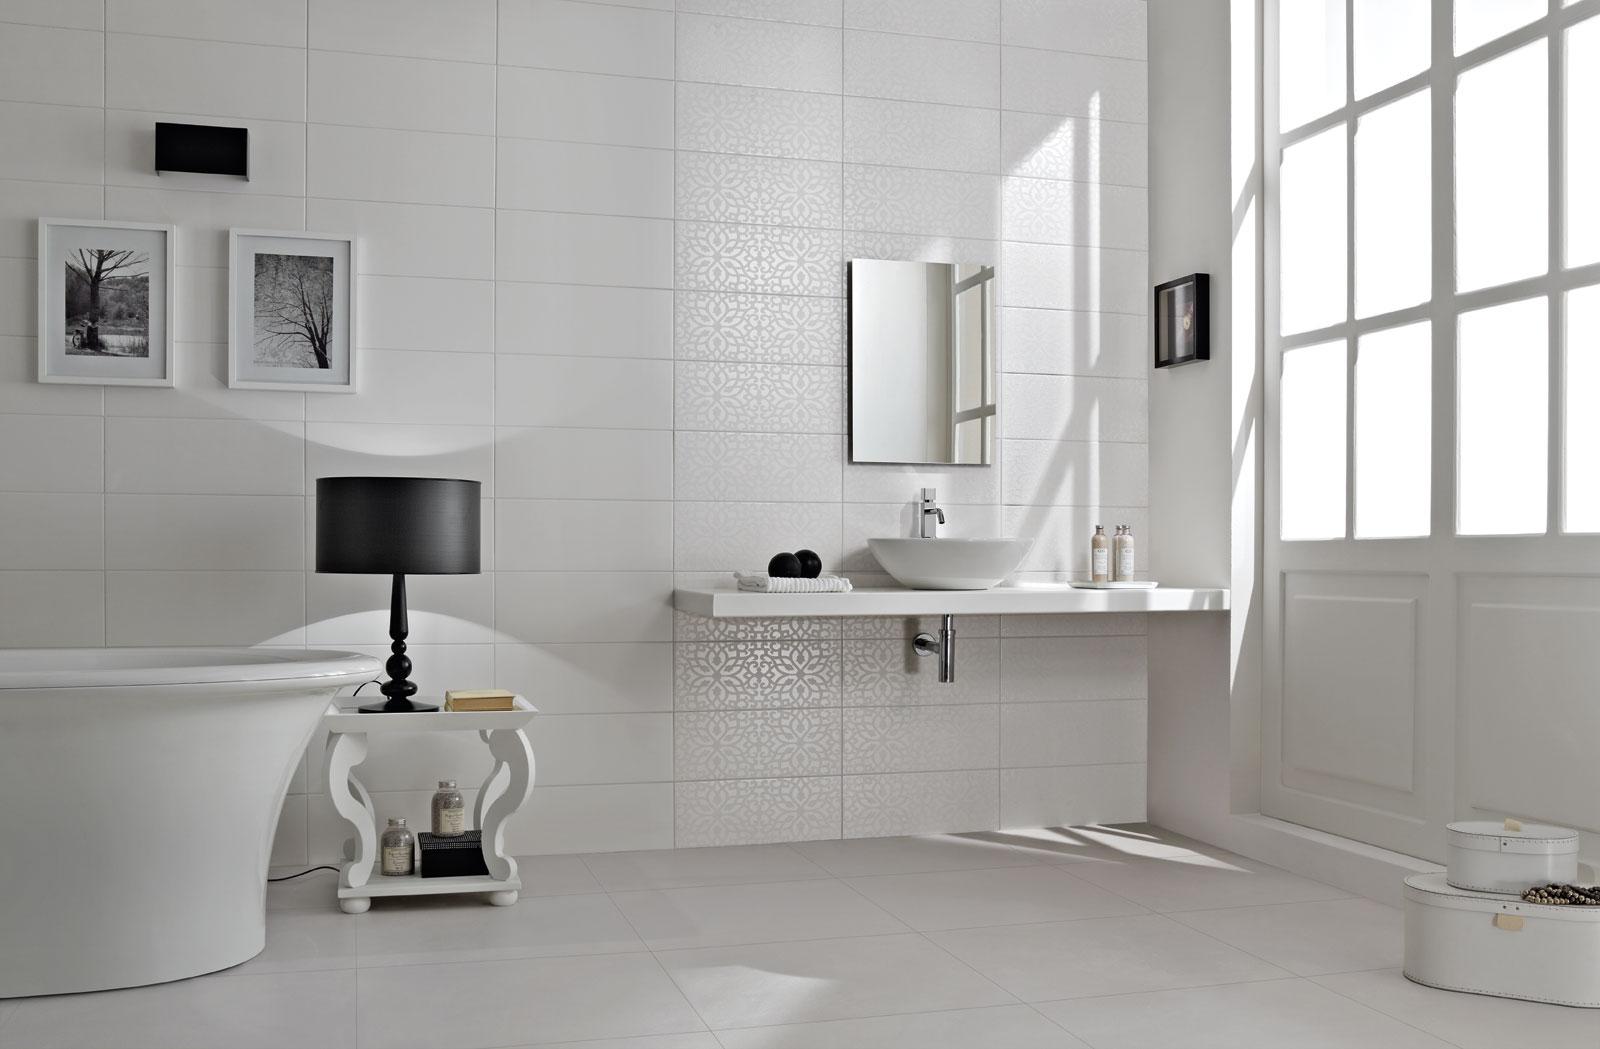 Black white piastrelle per bagno e cucina marazzi - Immagini piastrelle bagno ...